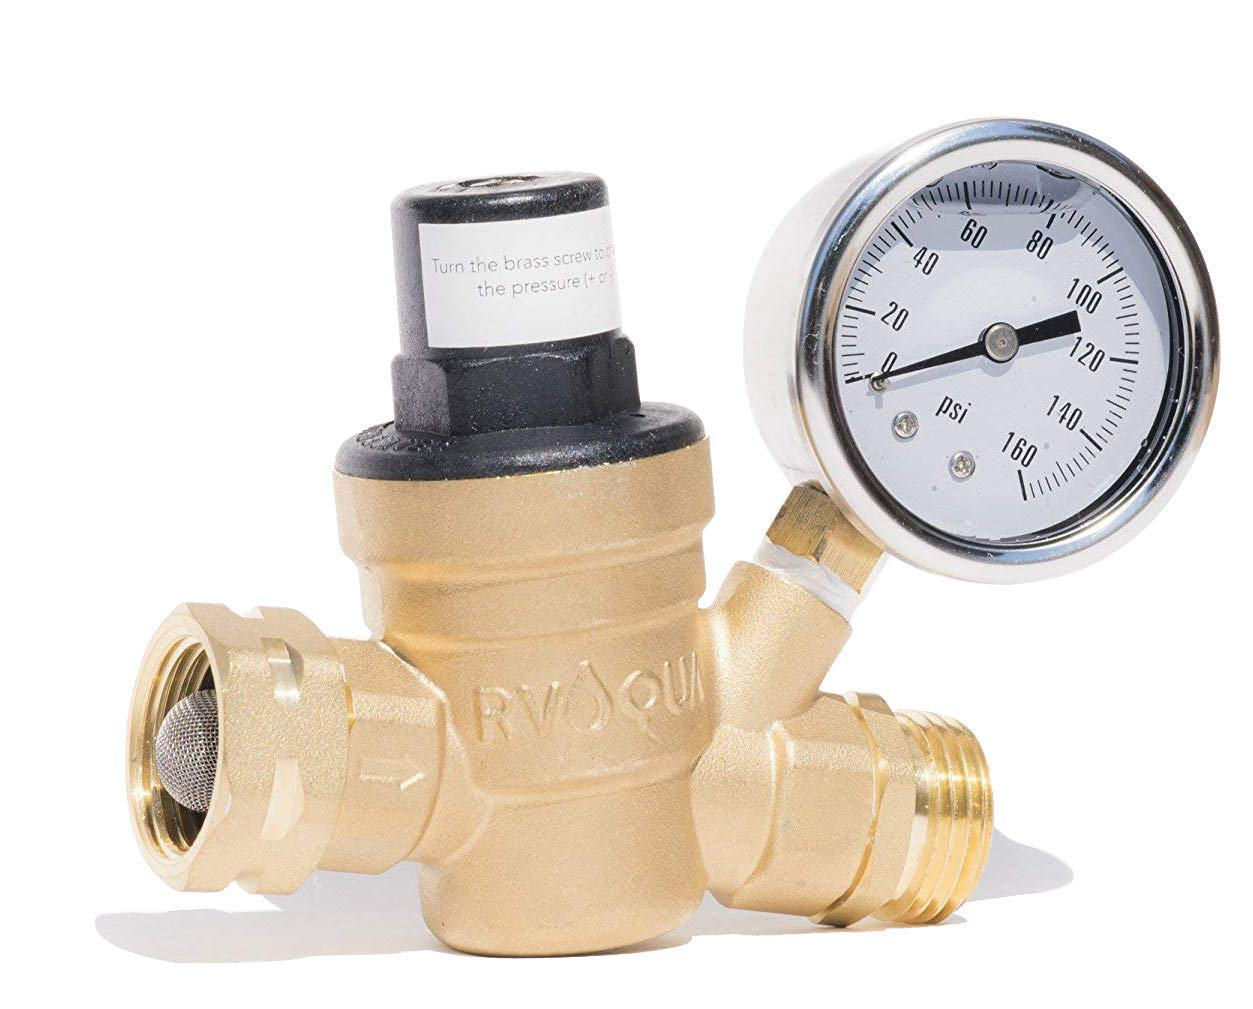 RVAQUA M11-45PSI Water Pressure Regulator